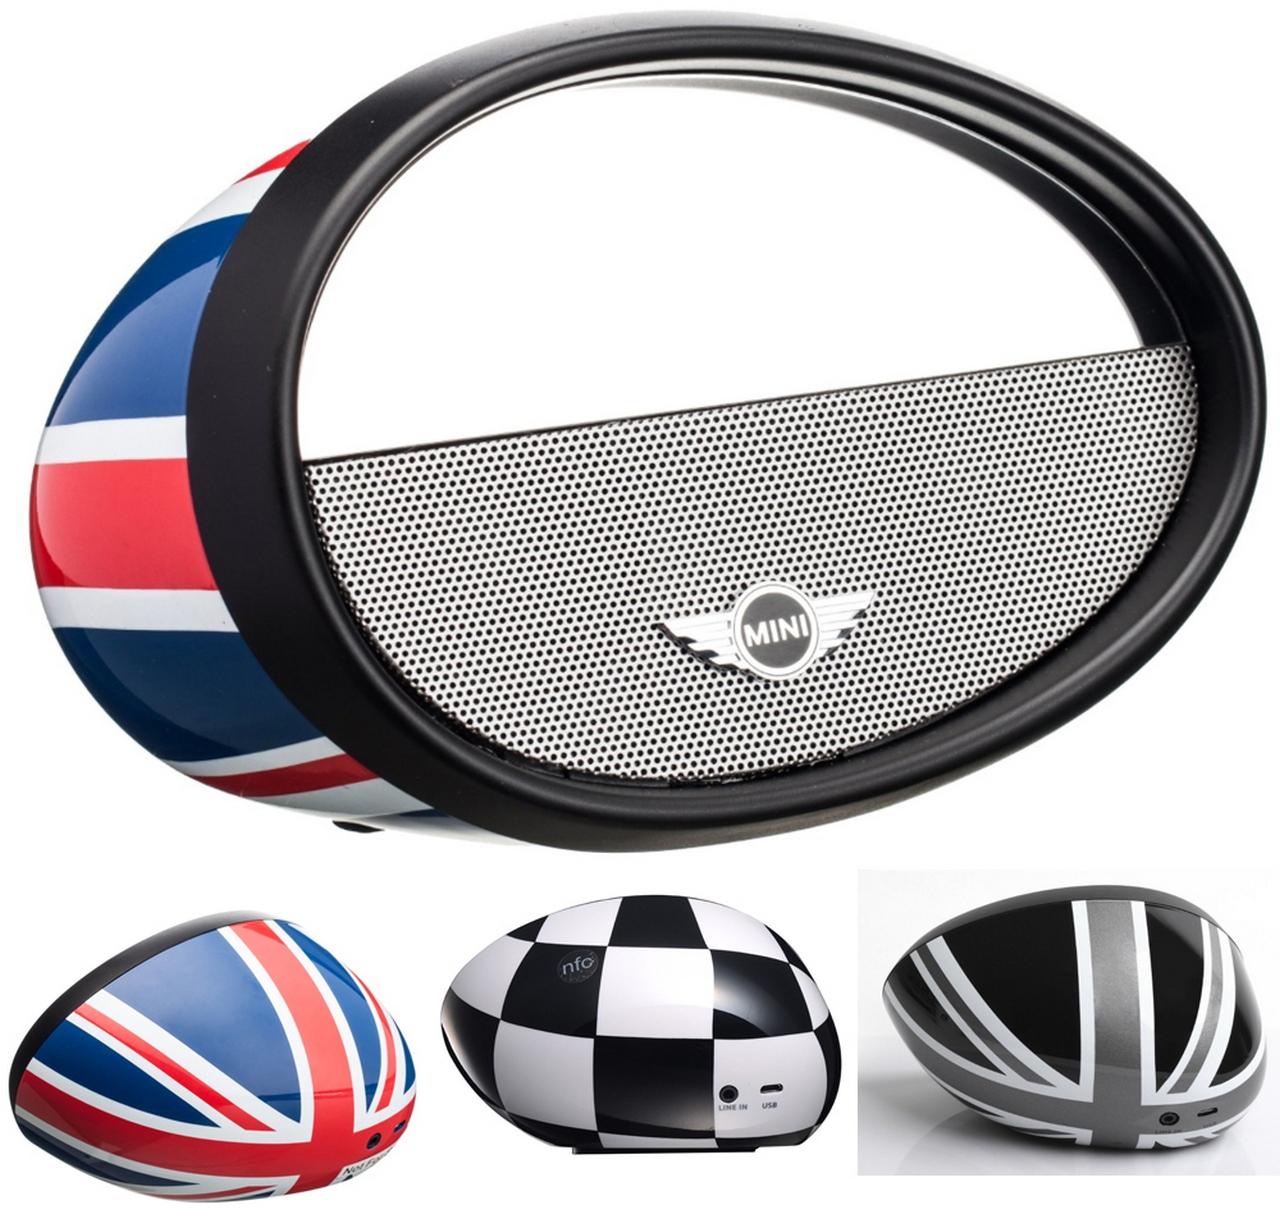 mini-speaker-cooper-mirror-boombox-prezzo-price-0-100_4